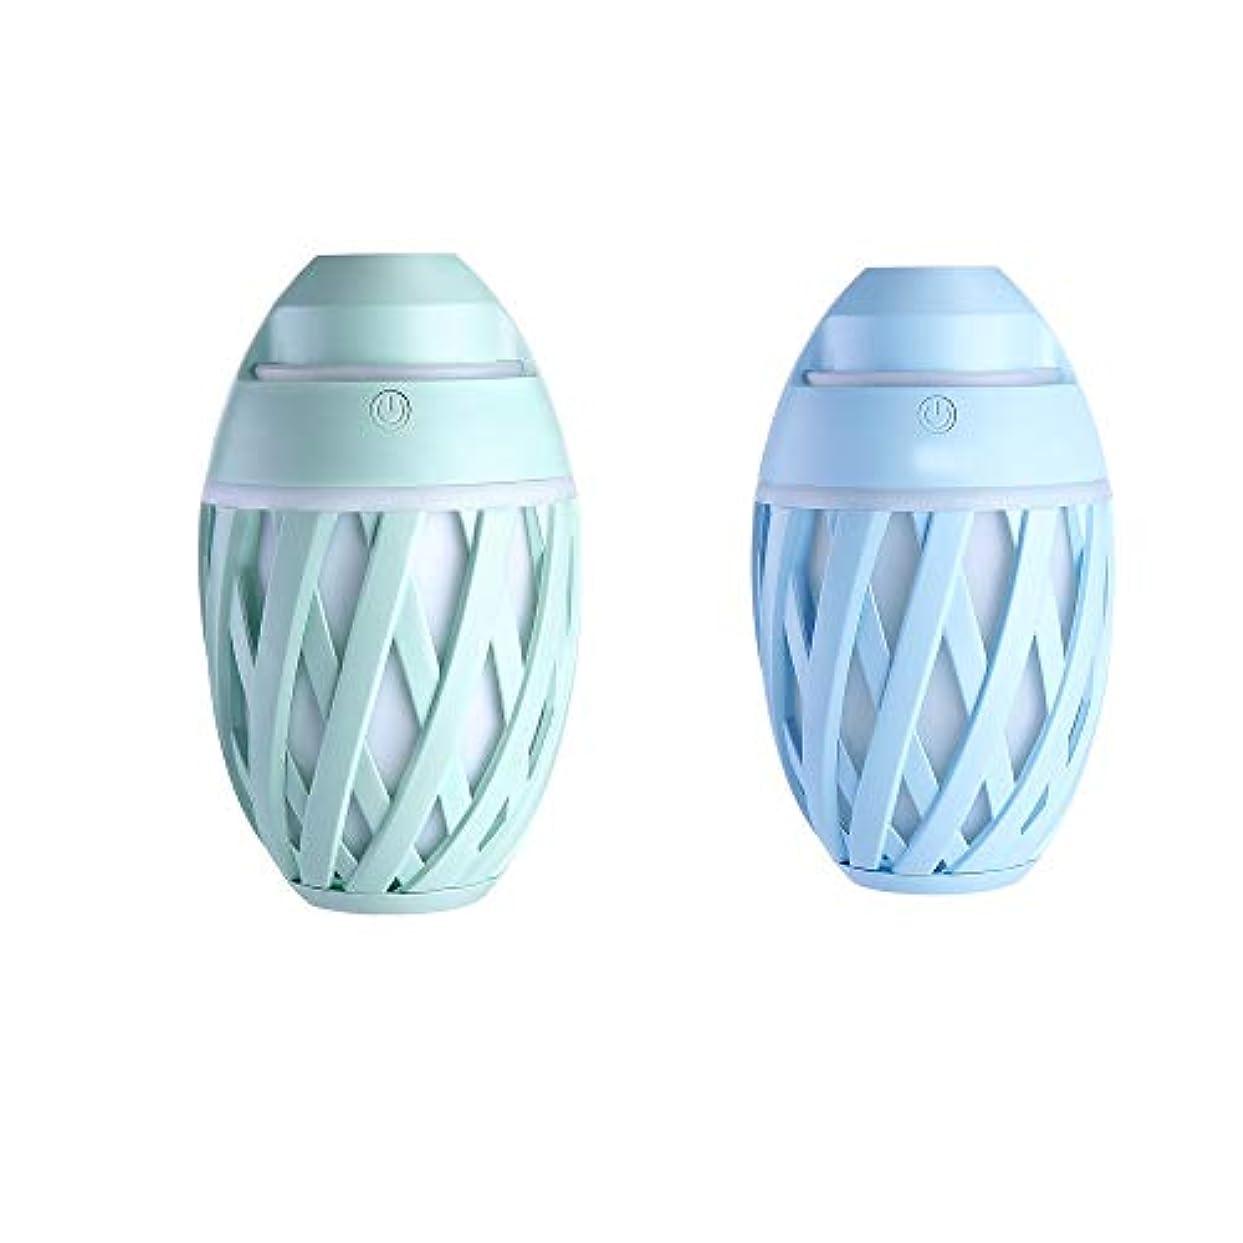 科学者勝つ選択するZXF ミニUSB車の空気加湿器の美しさの楽器オリーブ形マイナスイオンカラフルな変更美しさの水道メーターABS材料2つの青いモデル緑 滑らかである (色 : Blue)